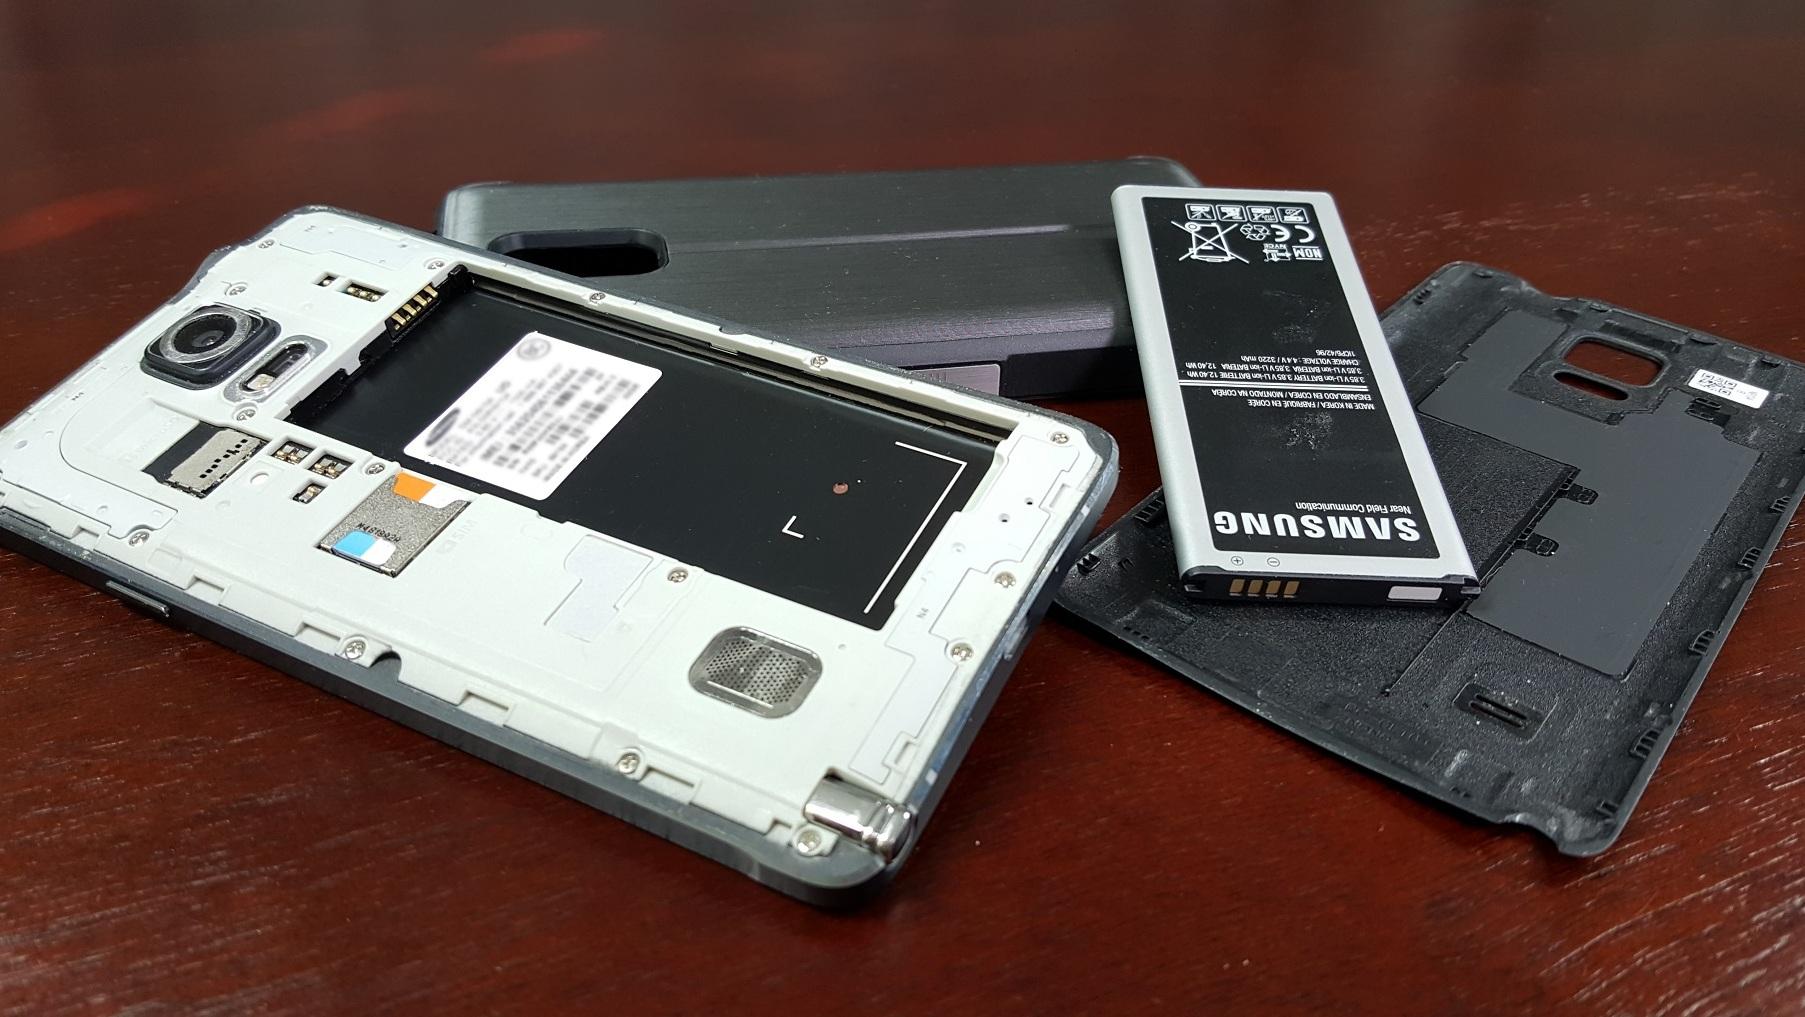 Thay pin Samsung Note 4 chính hãng HCM